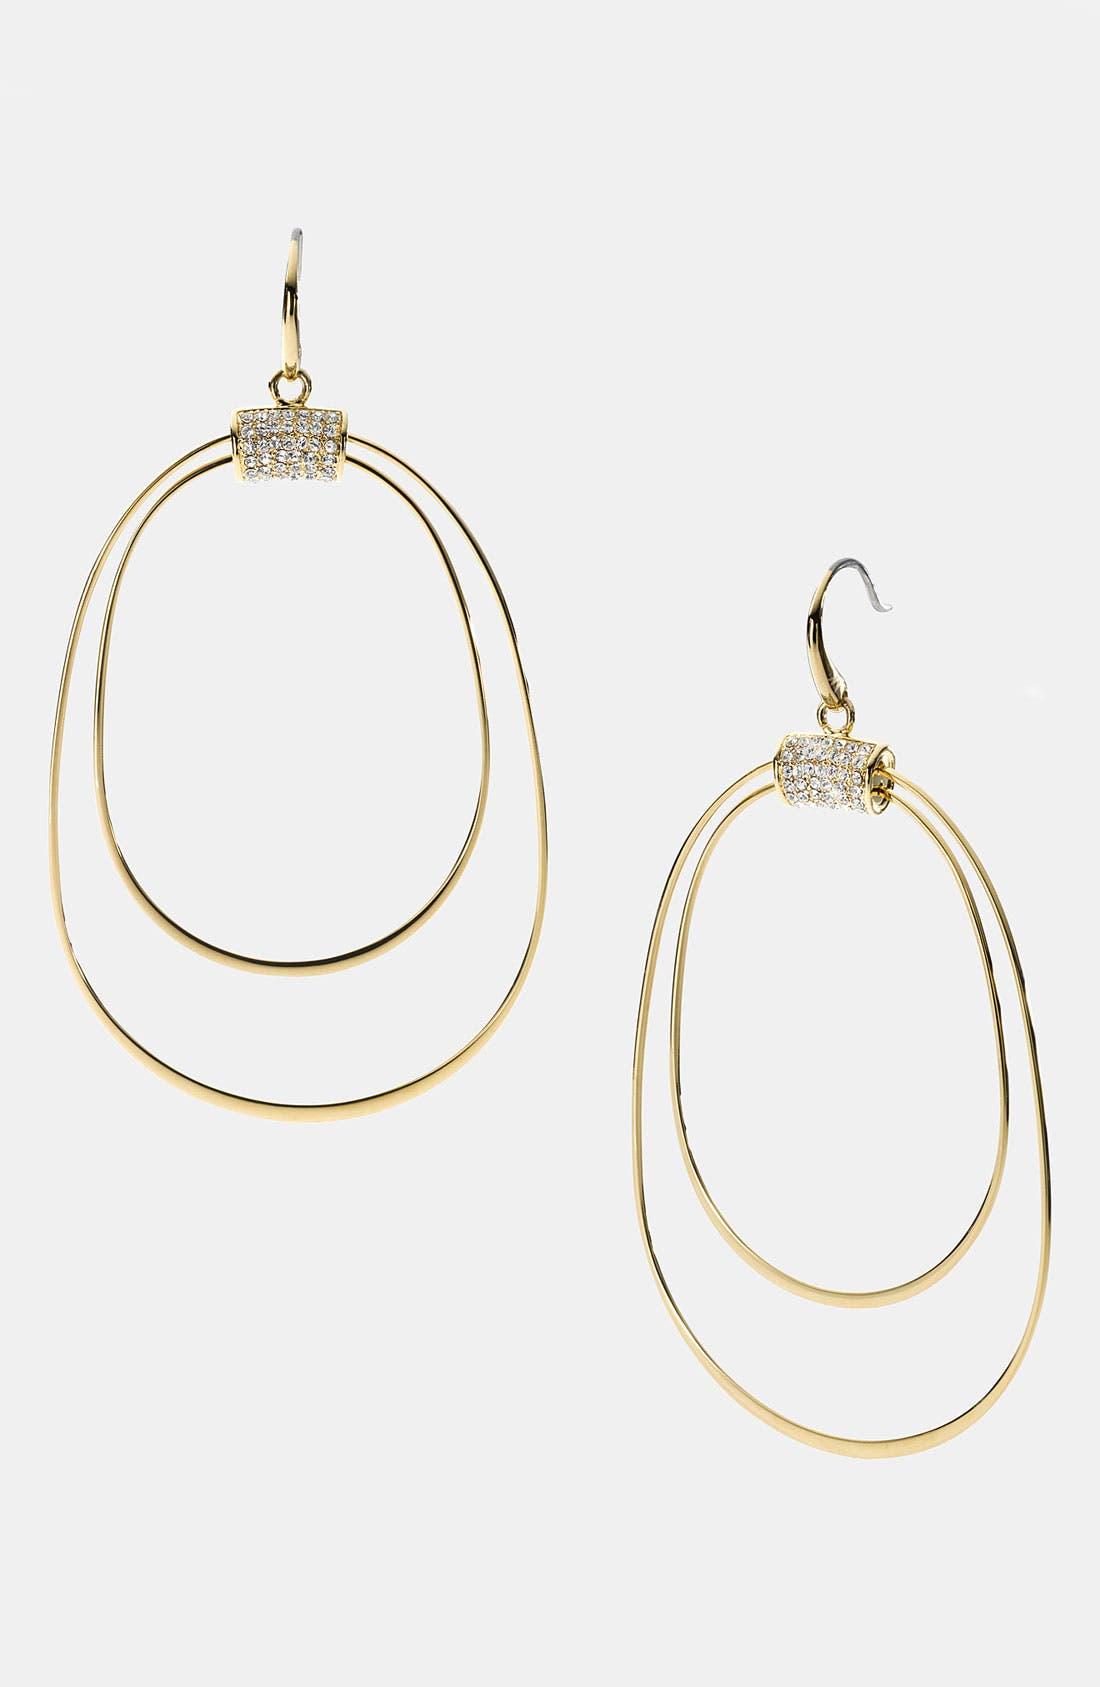 Main Image - Michael Kors 'Brilliance' Frontal Hoop Earrings